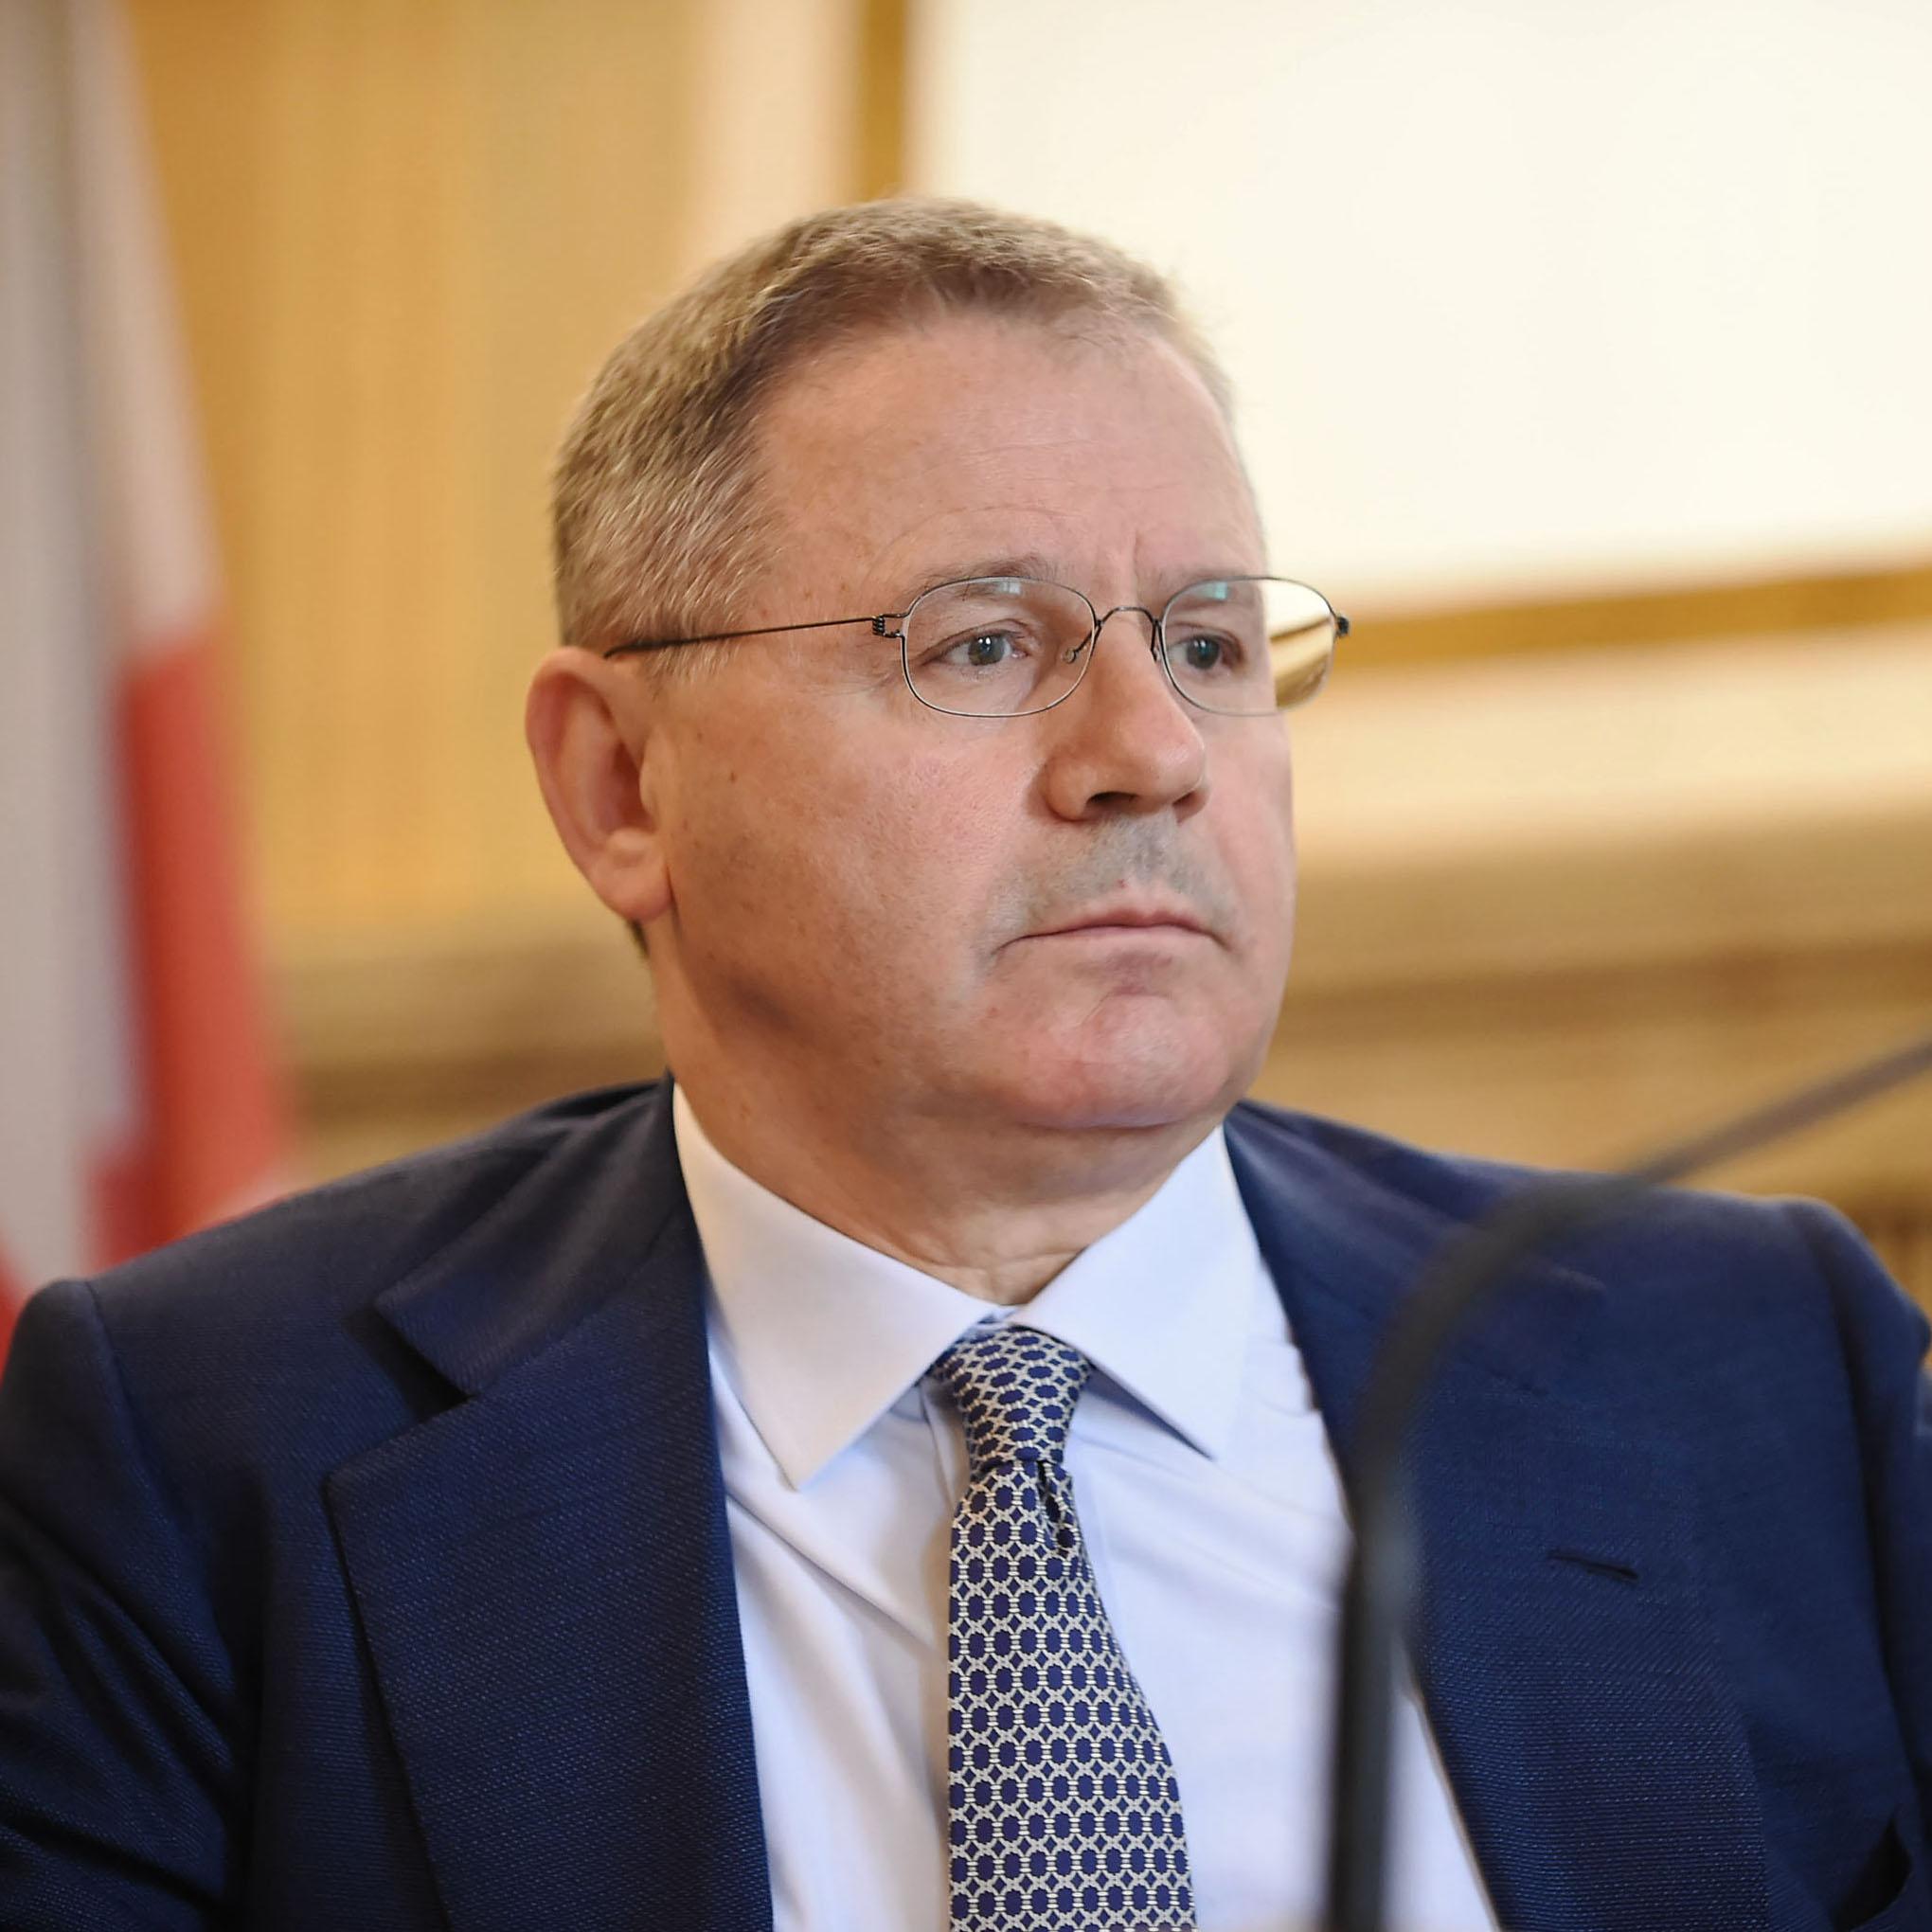 Lino Stoppani